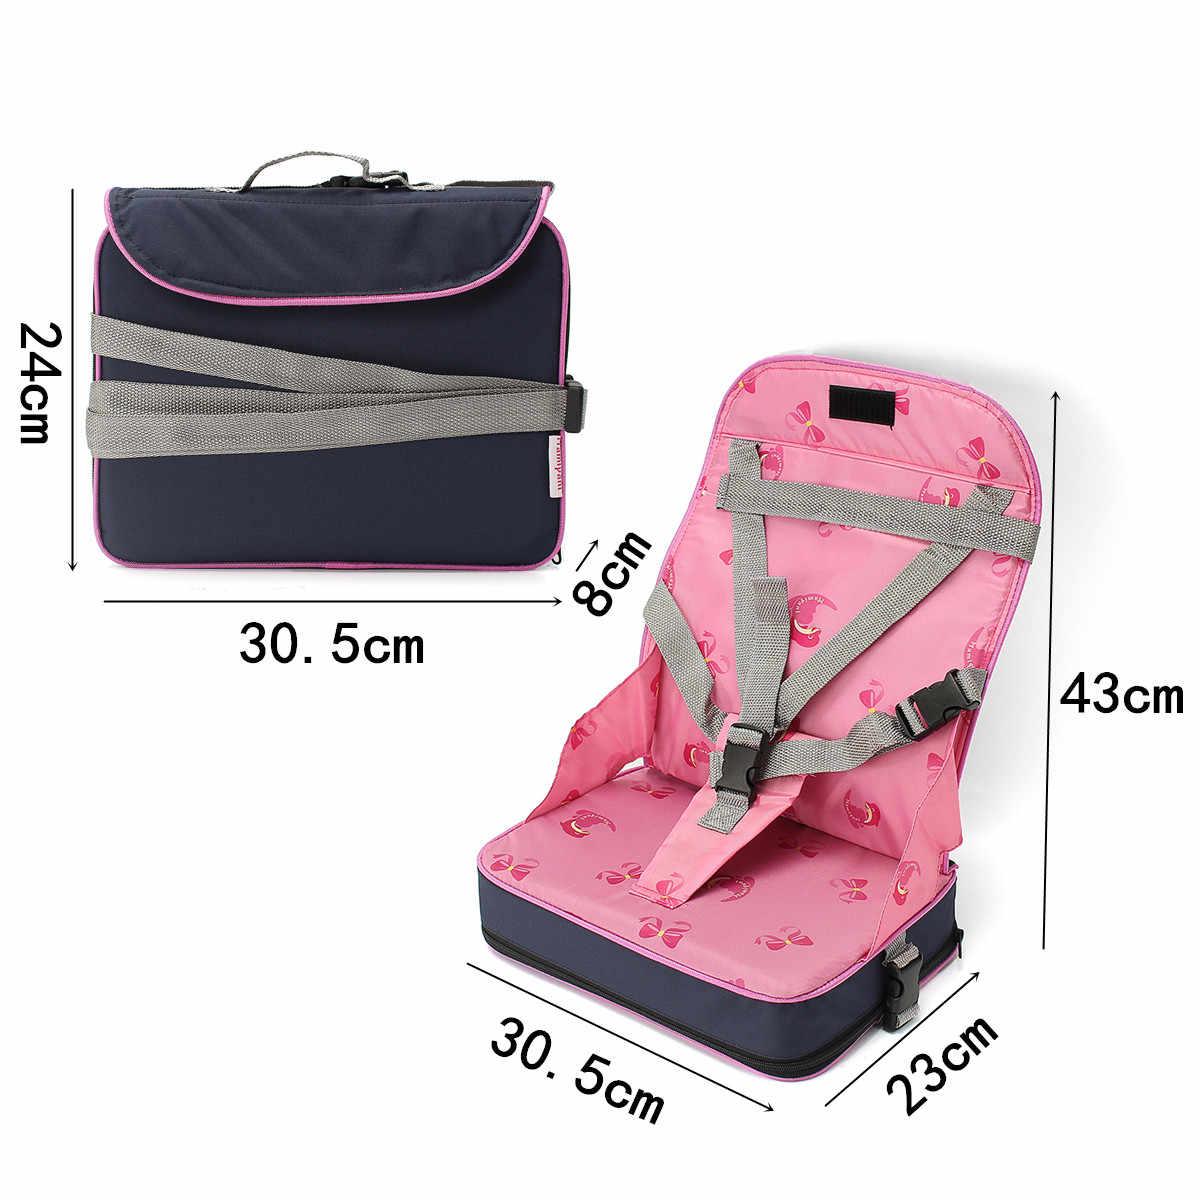 Складной обеденный стульчик для малышей, раскладное кресло для кормления, сиденье с ремнем безопасности, розовое/желтое/синее волокно, ткань + нейлон + губка